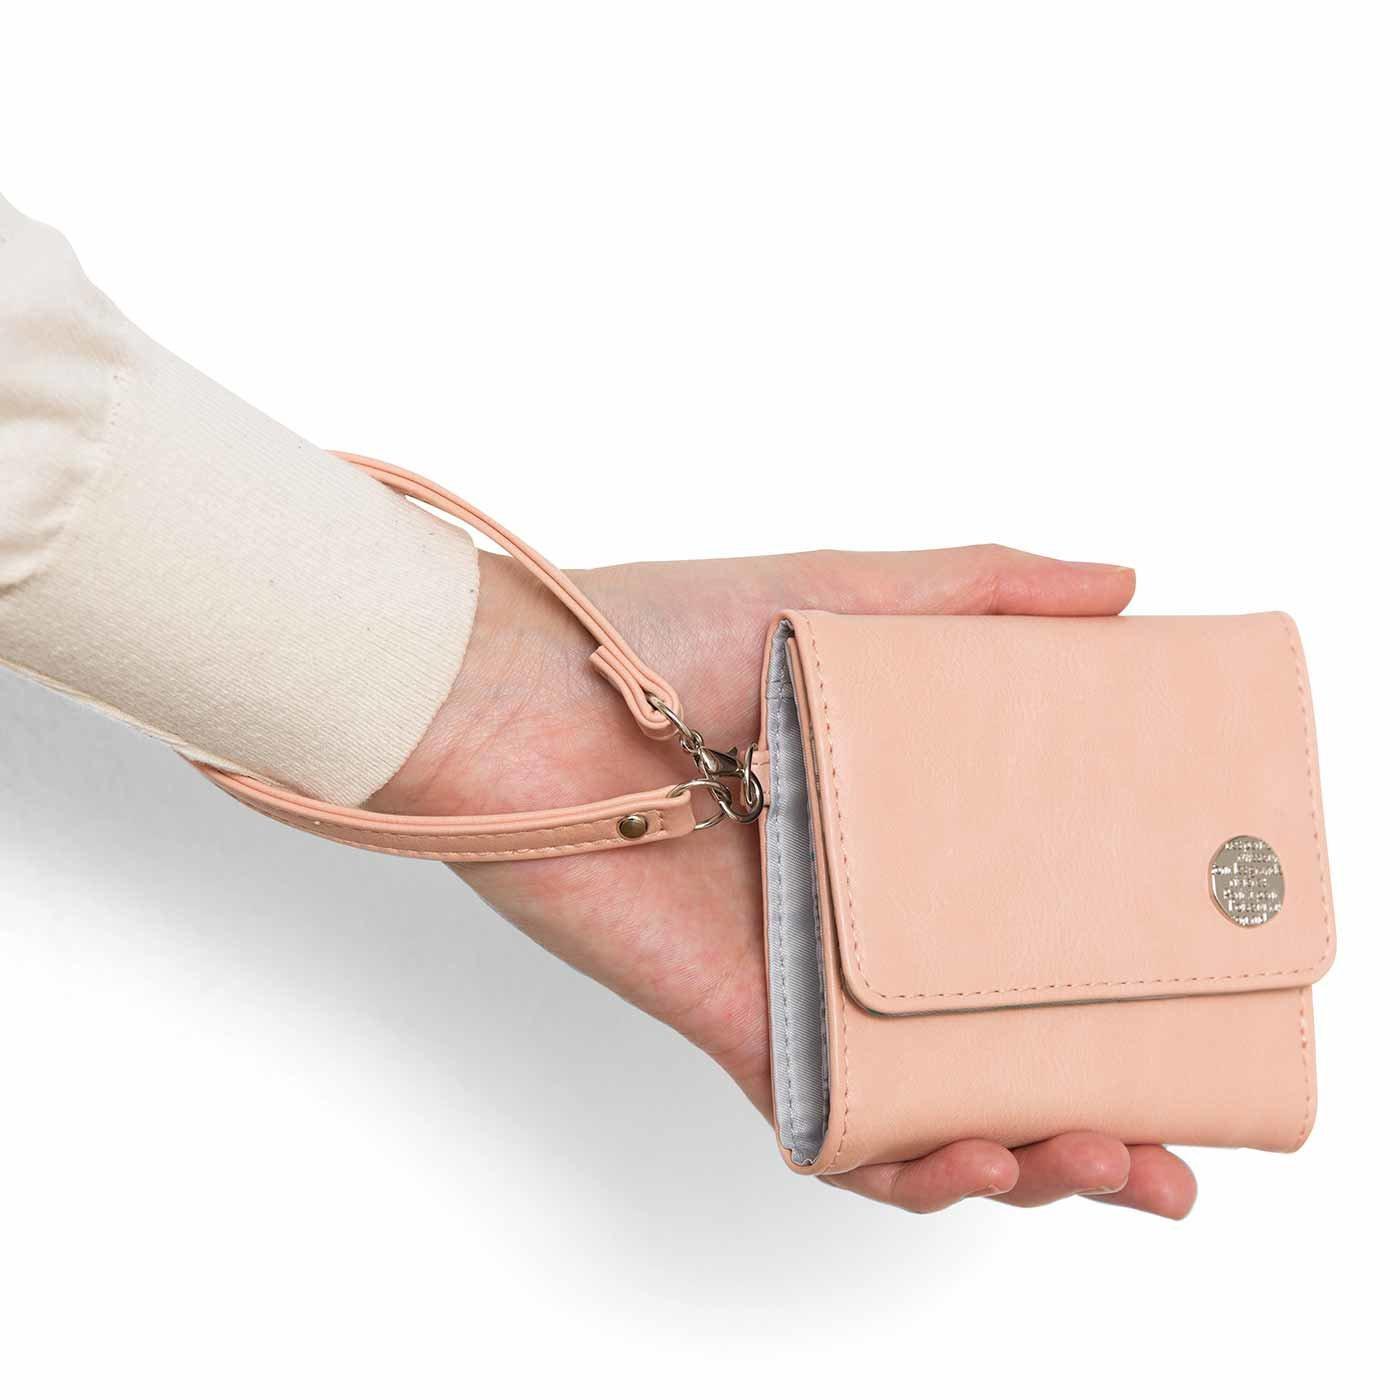 UP.de 日々の暮らしに寄り添う 大人かわいい手のり財布の会